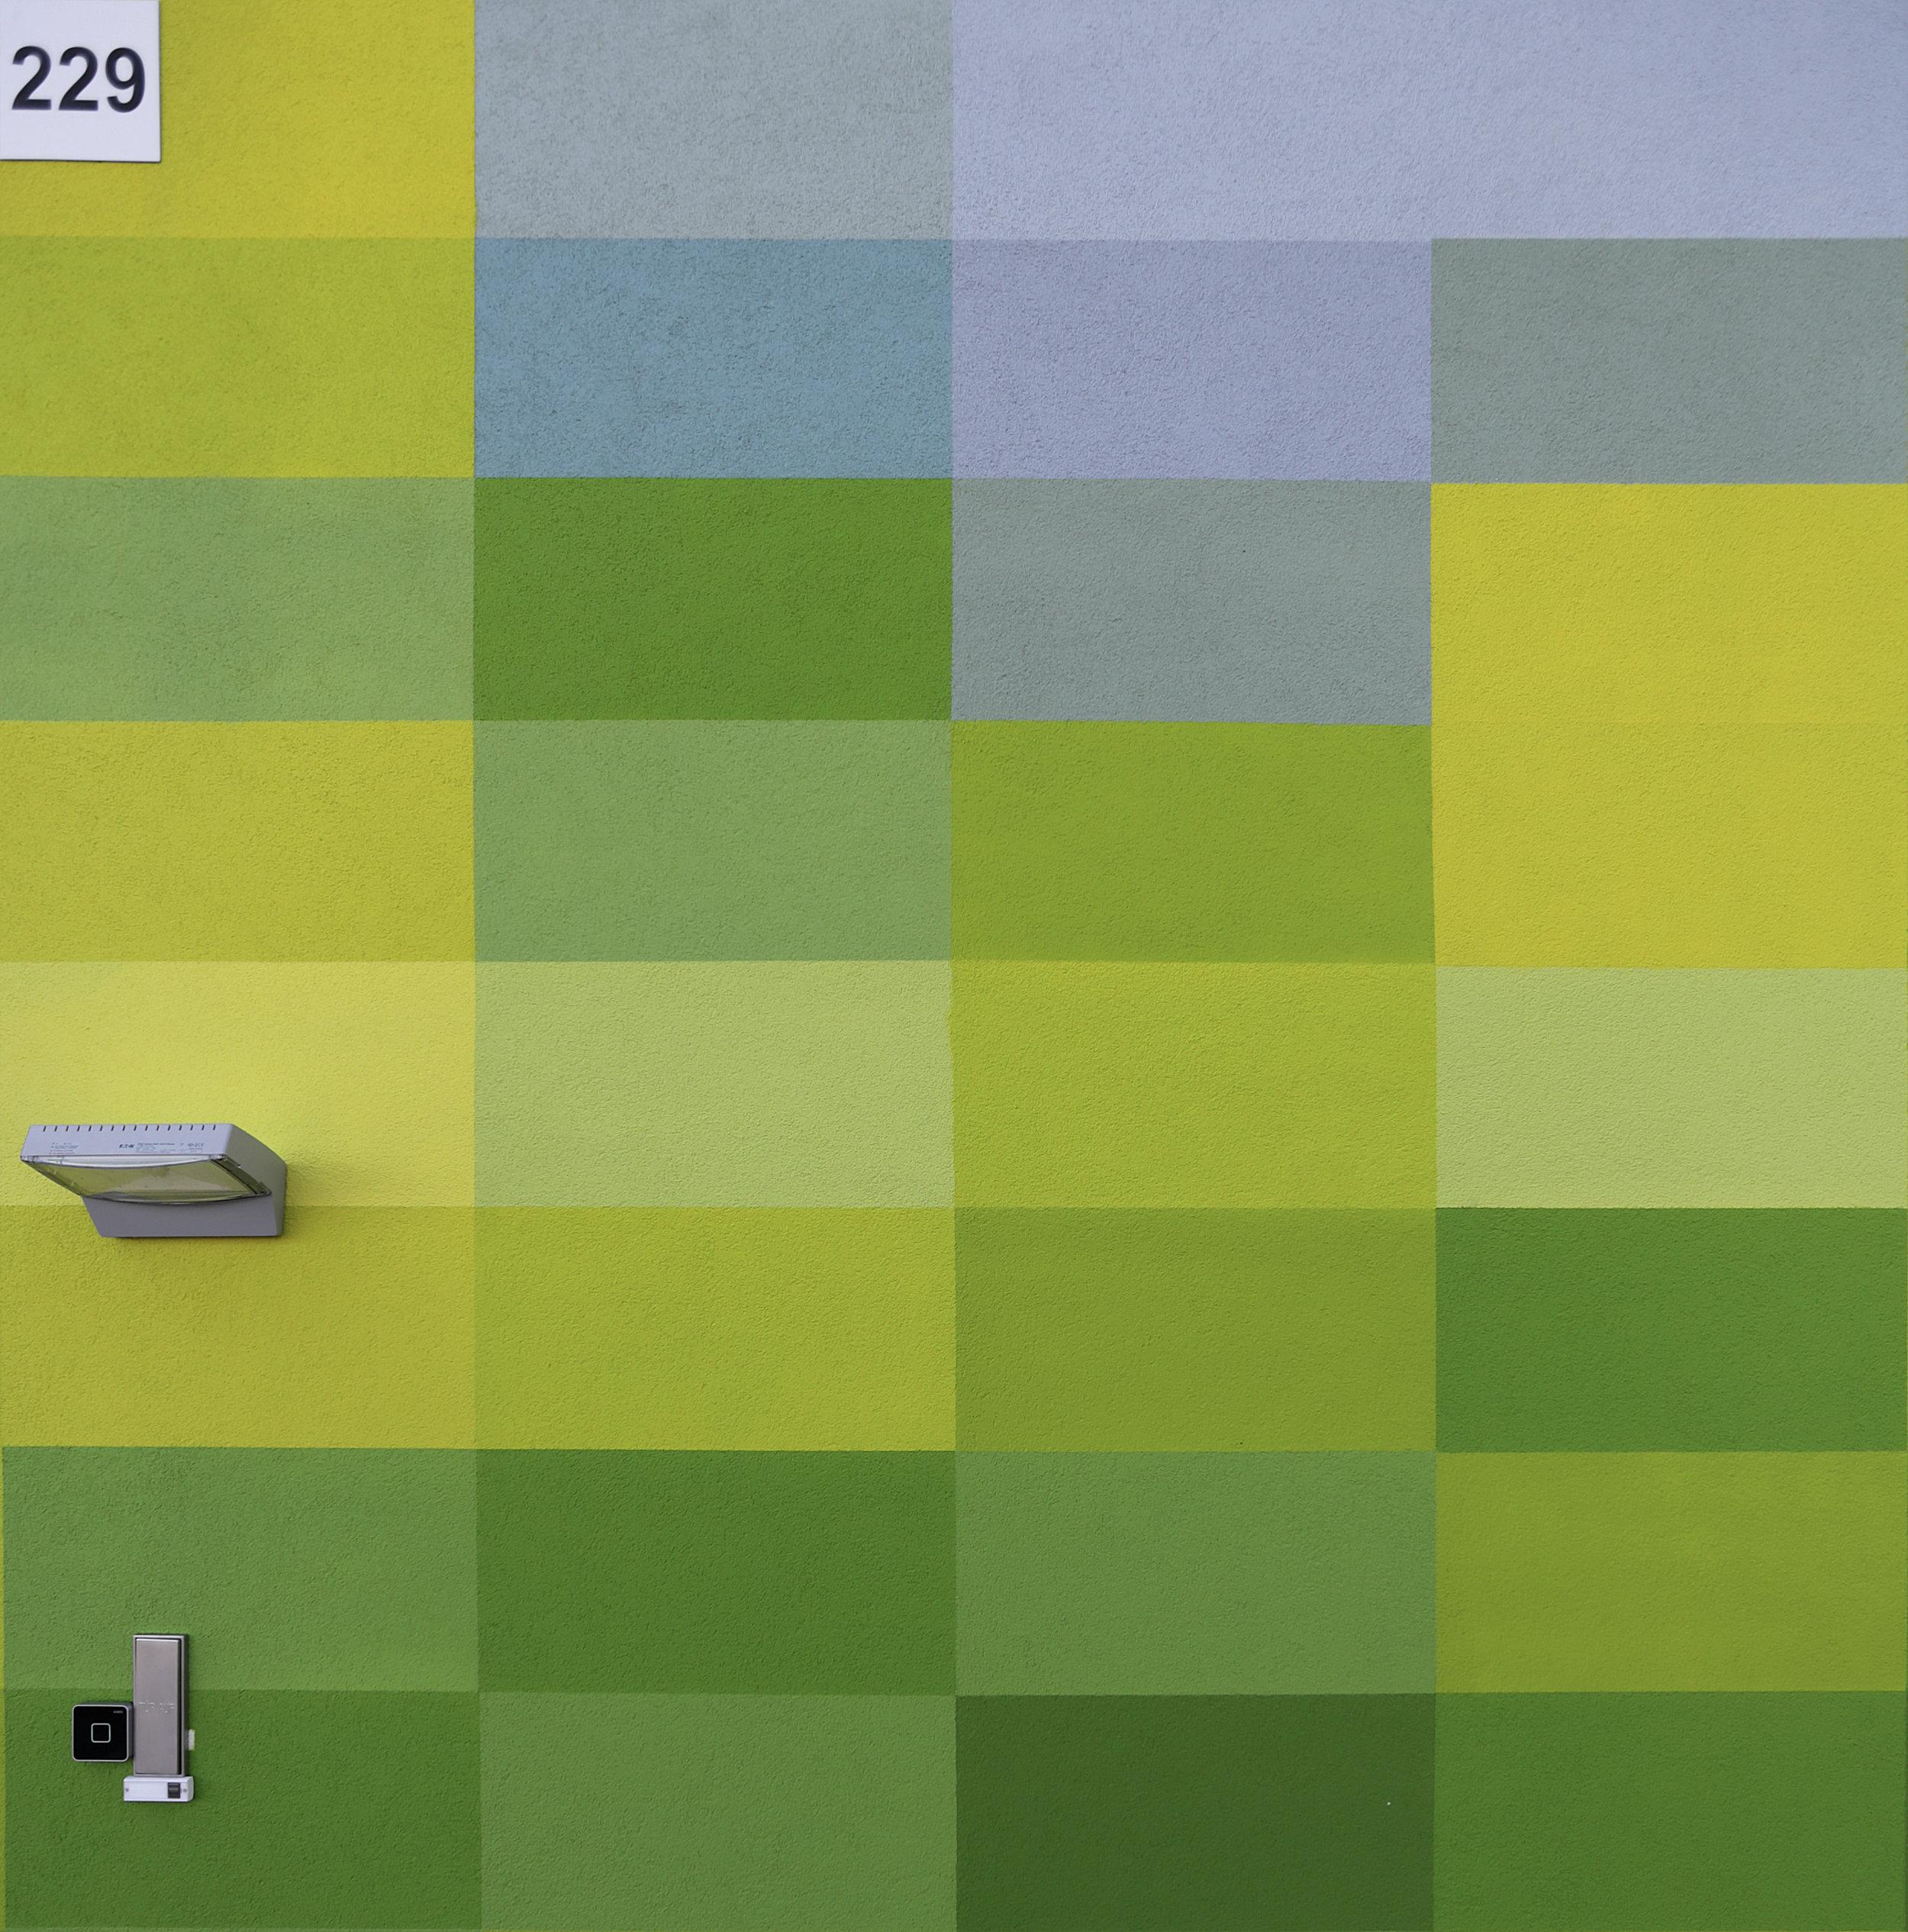 Wandmalerei-pixel-putz-fassade